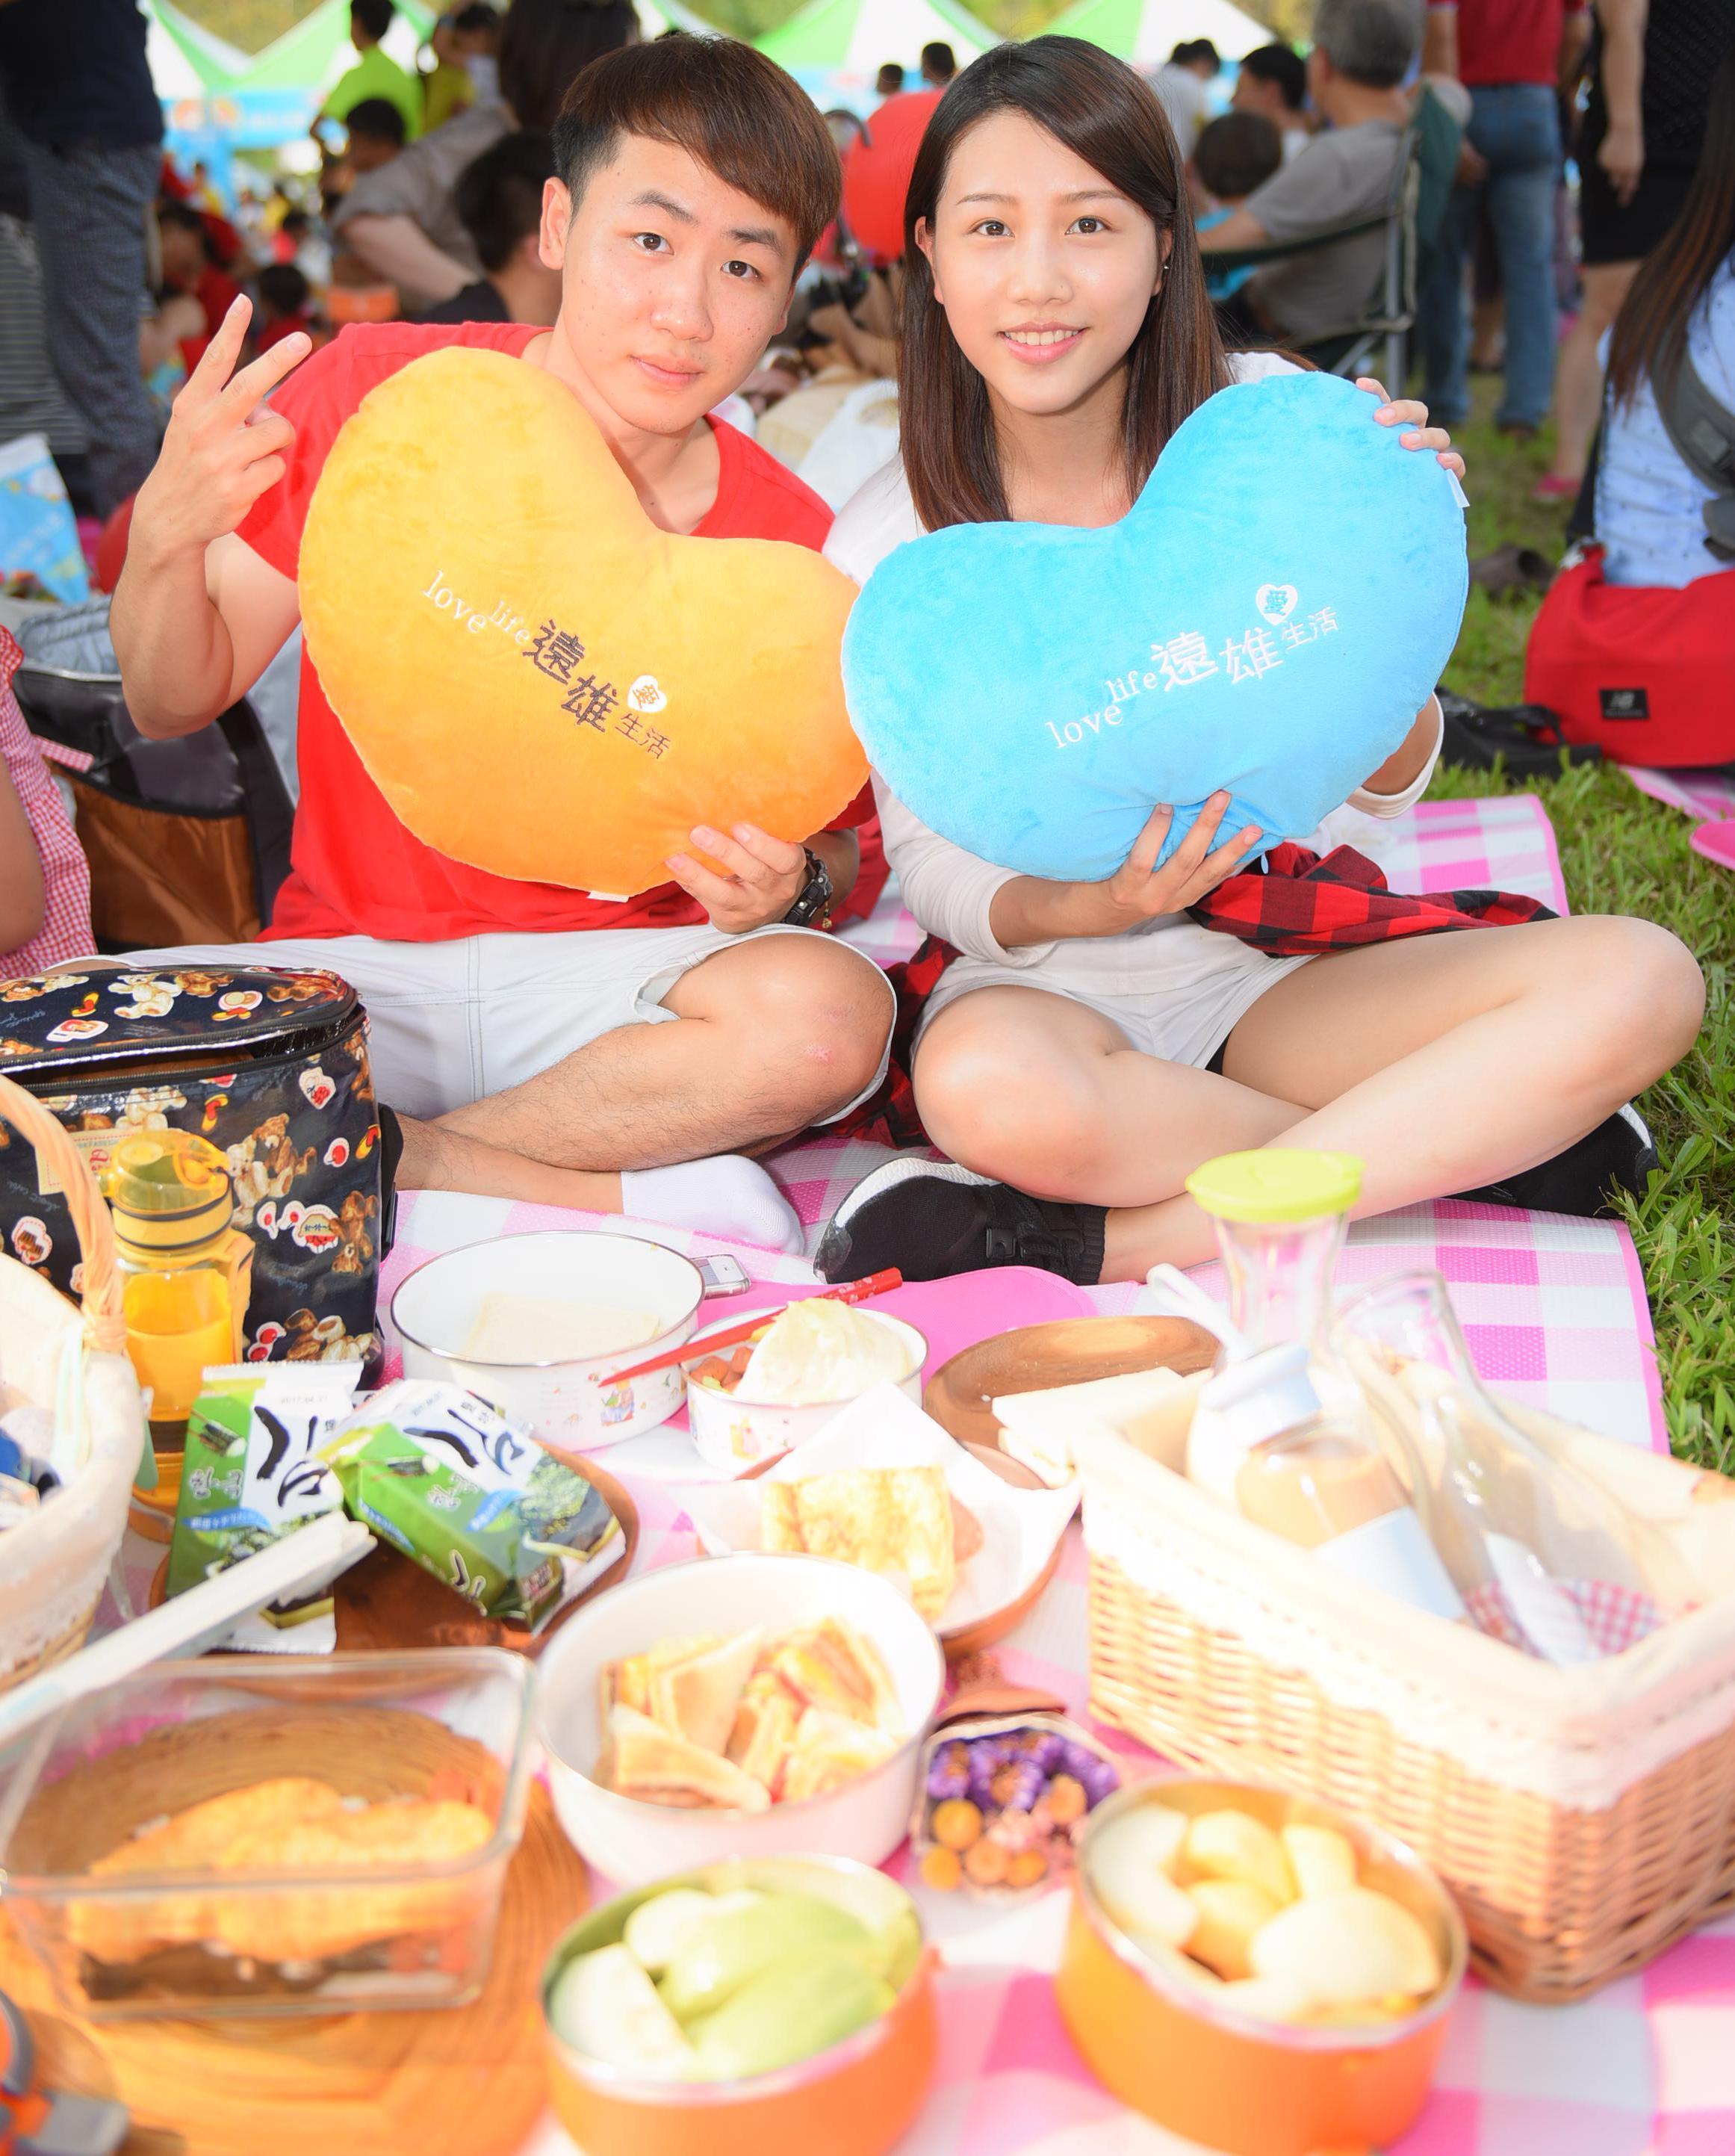 「你野趣‧我也去」遠雄人壽家族野餐日